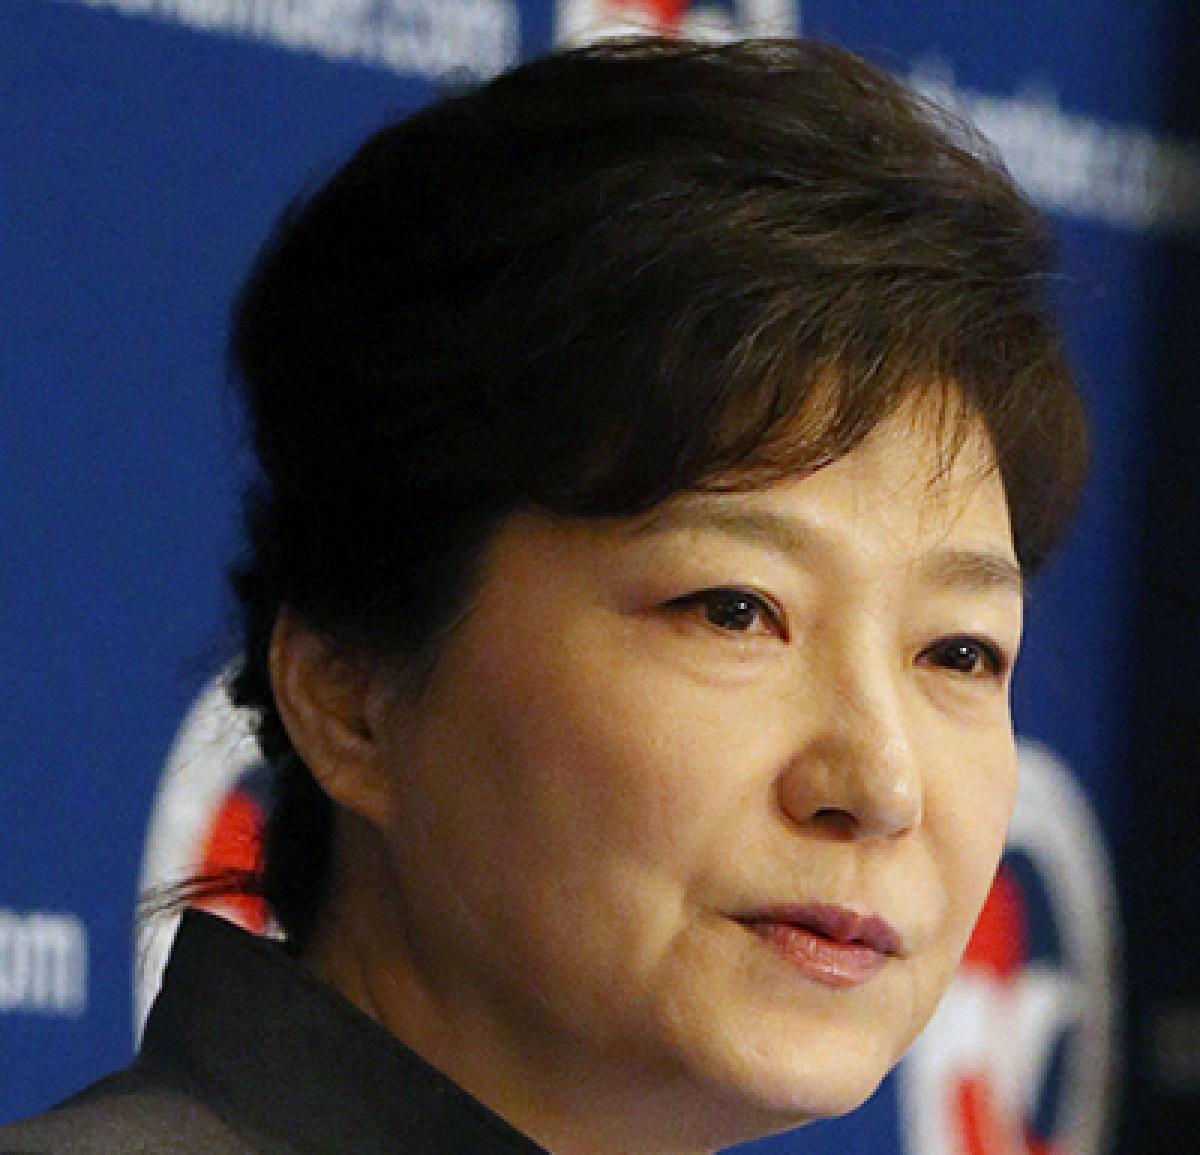 Seoul announces sanctions on North